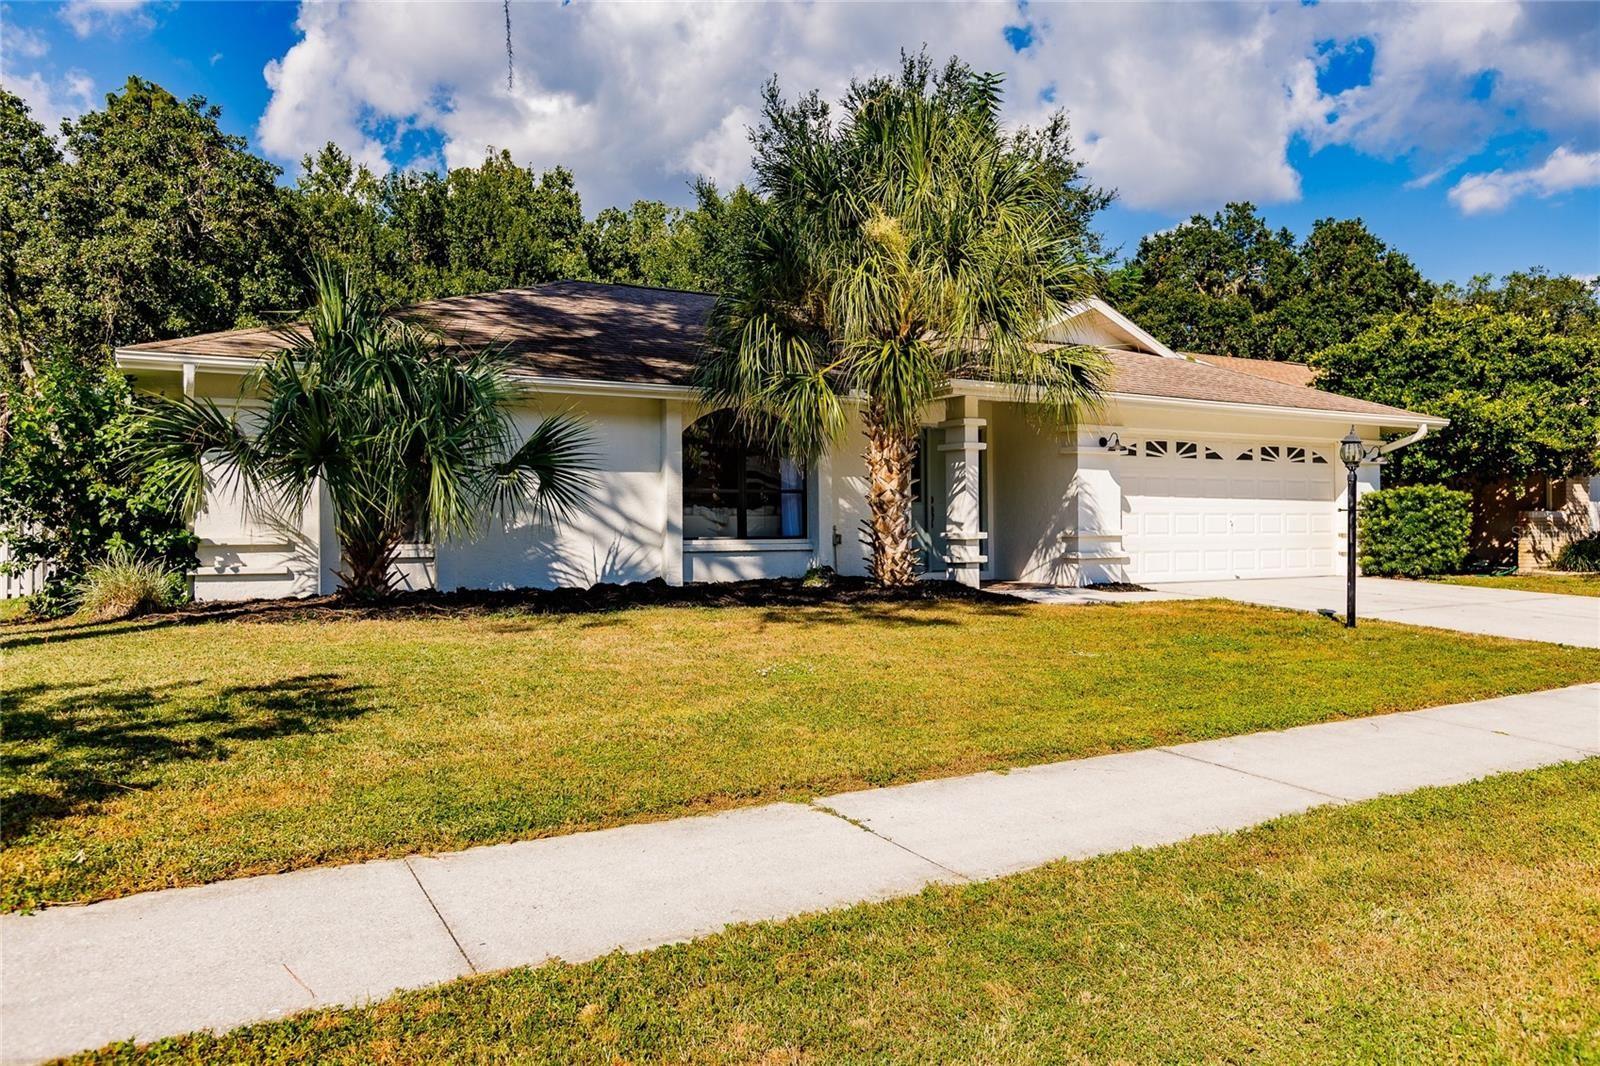 Photo of 5571 BENT OAK DRIVE, SARASOTA, FL 34232 (MLS # A4515272)